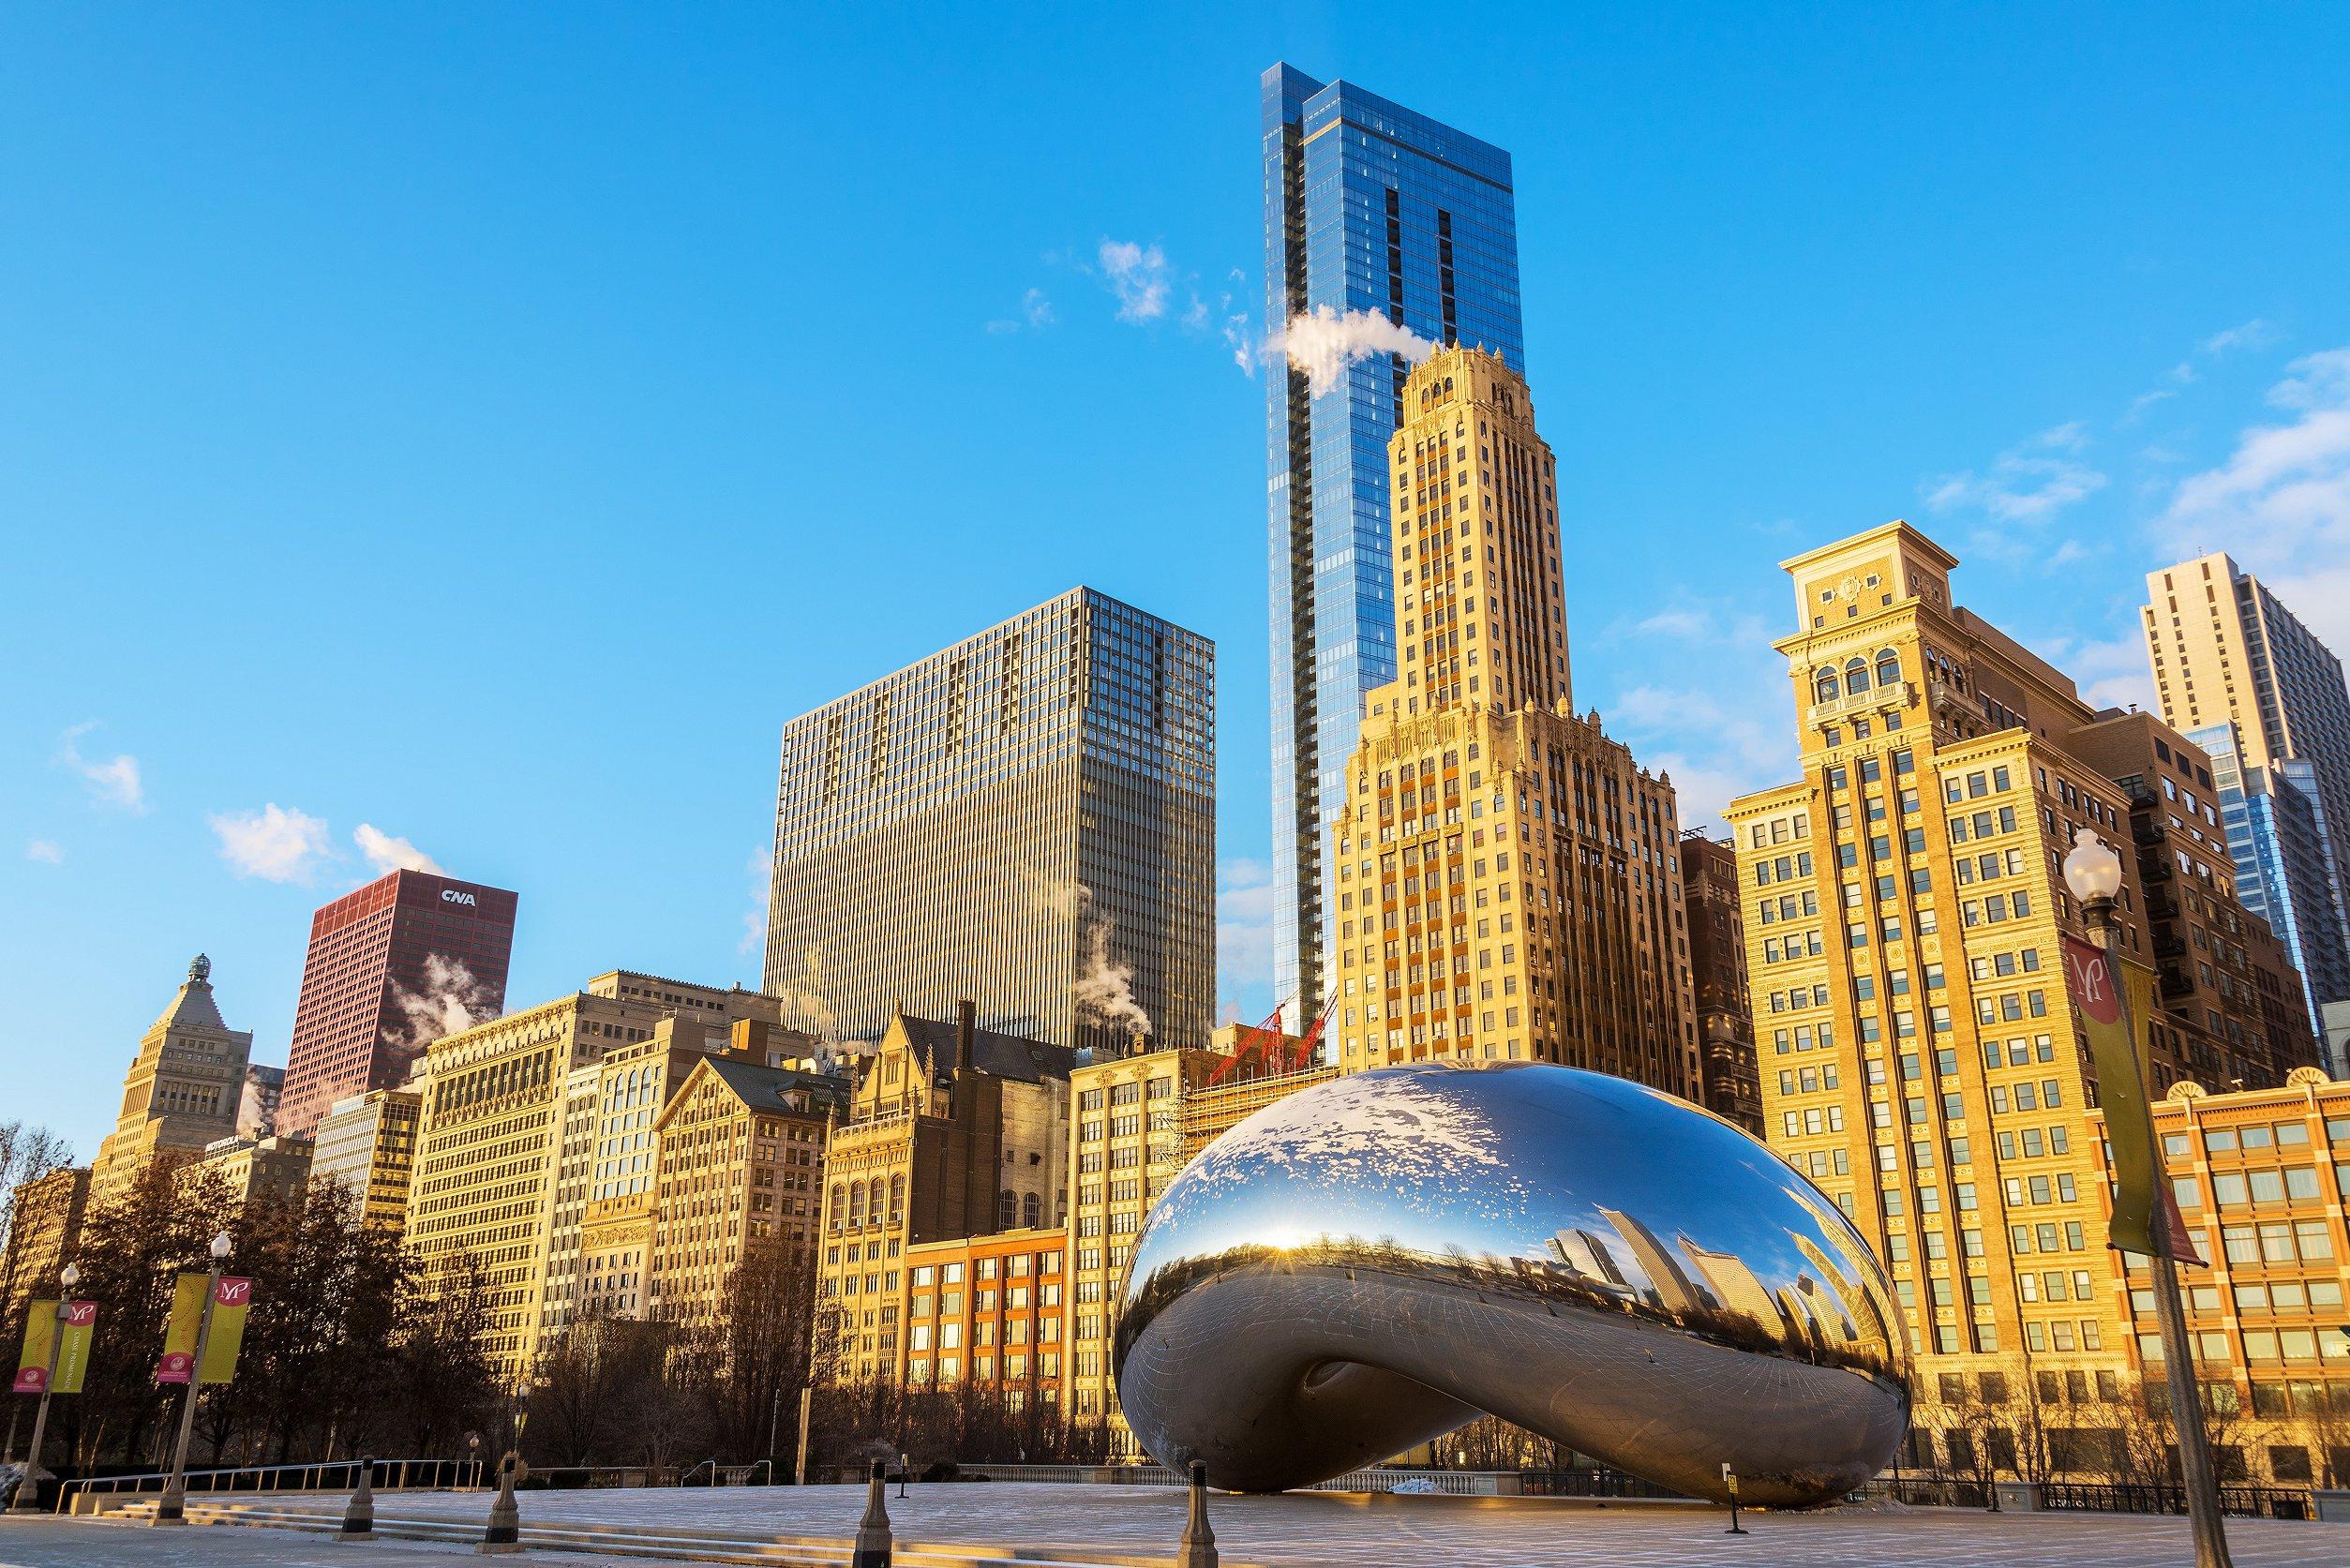 Chicago 1-Day City Tour (Millennium Park & Cloud Gate + 360 Chicago + The Art Institute of Chicago + Chicago Cruise)